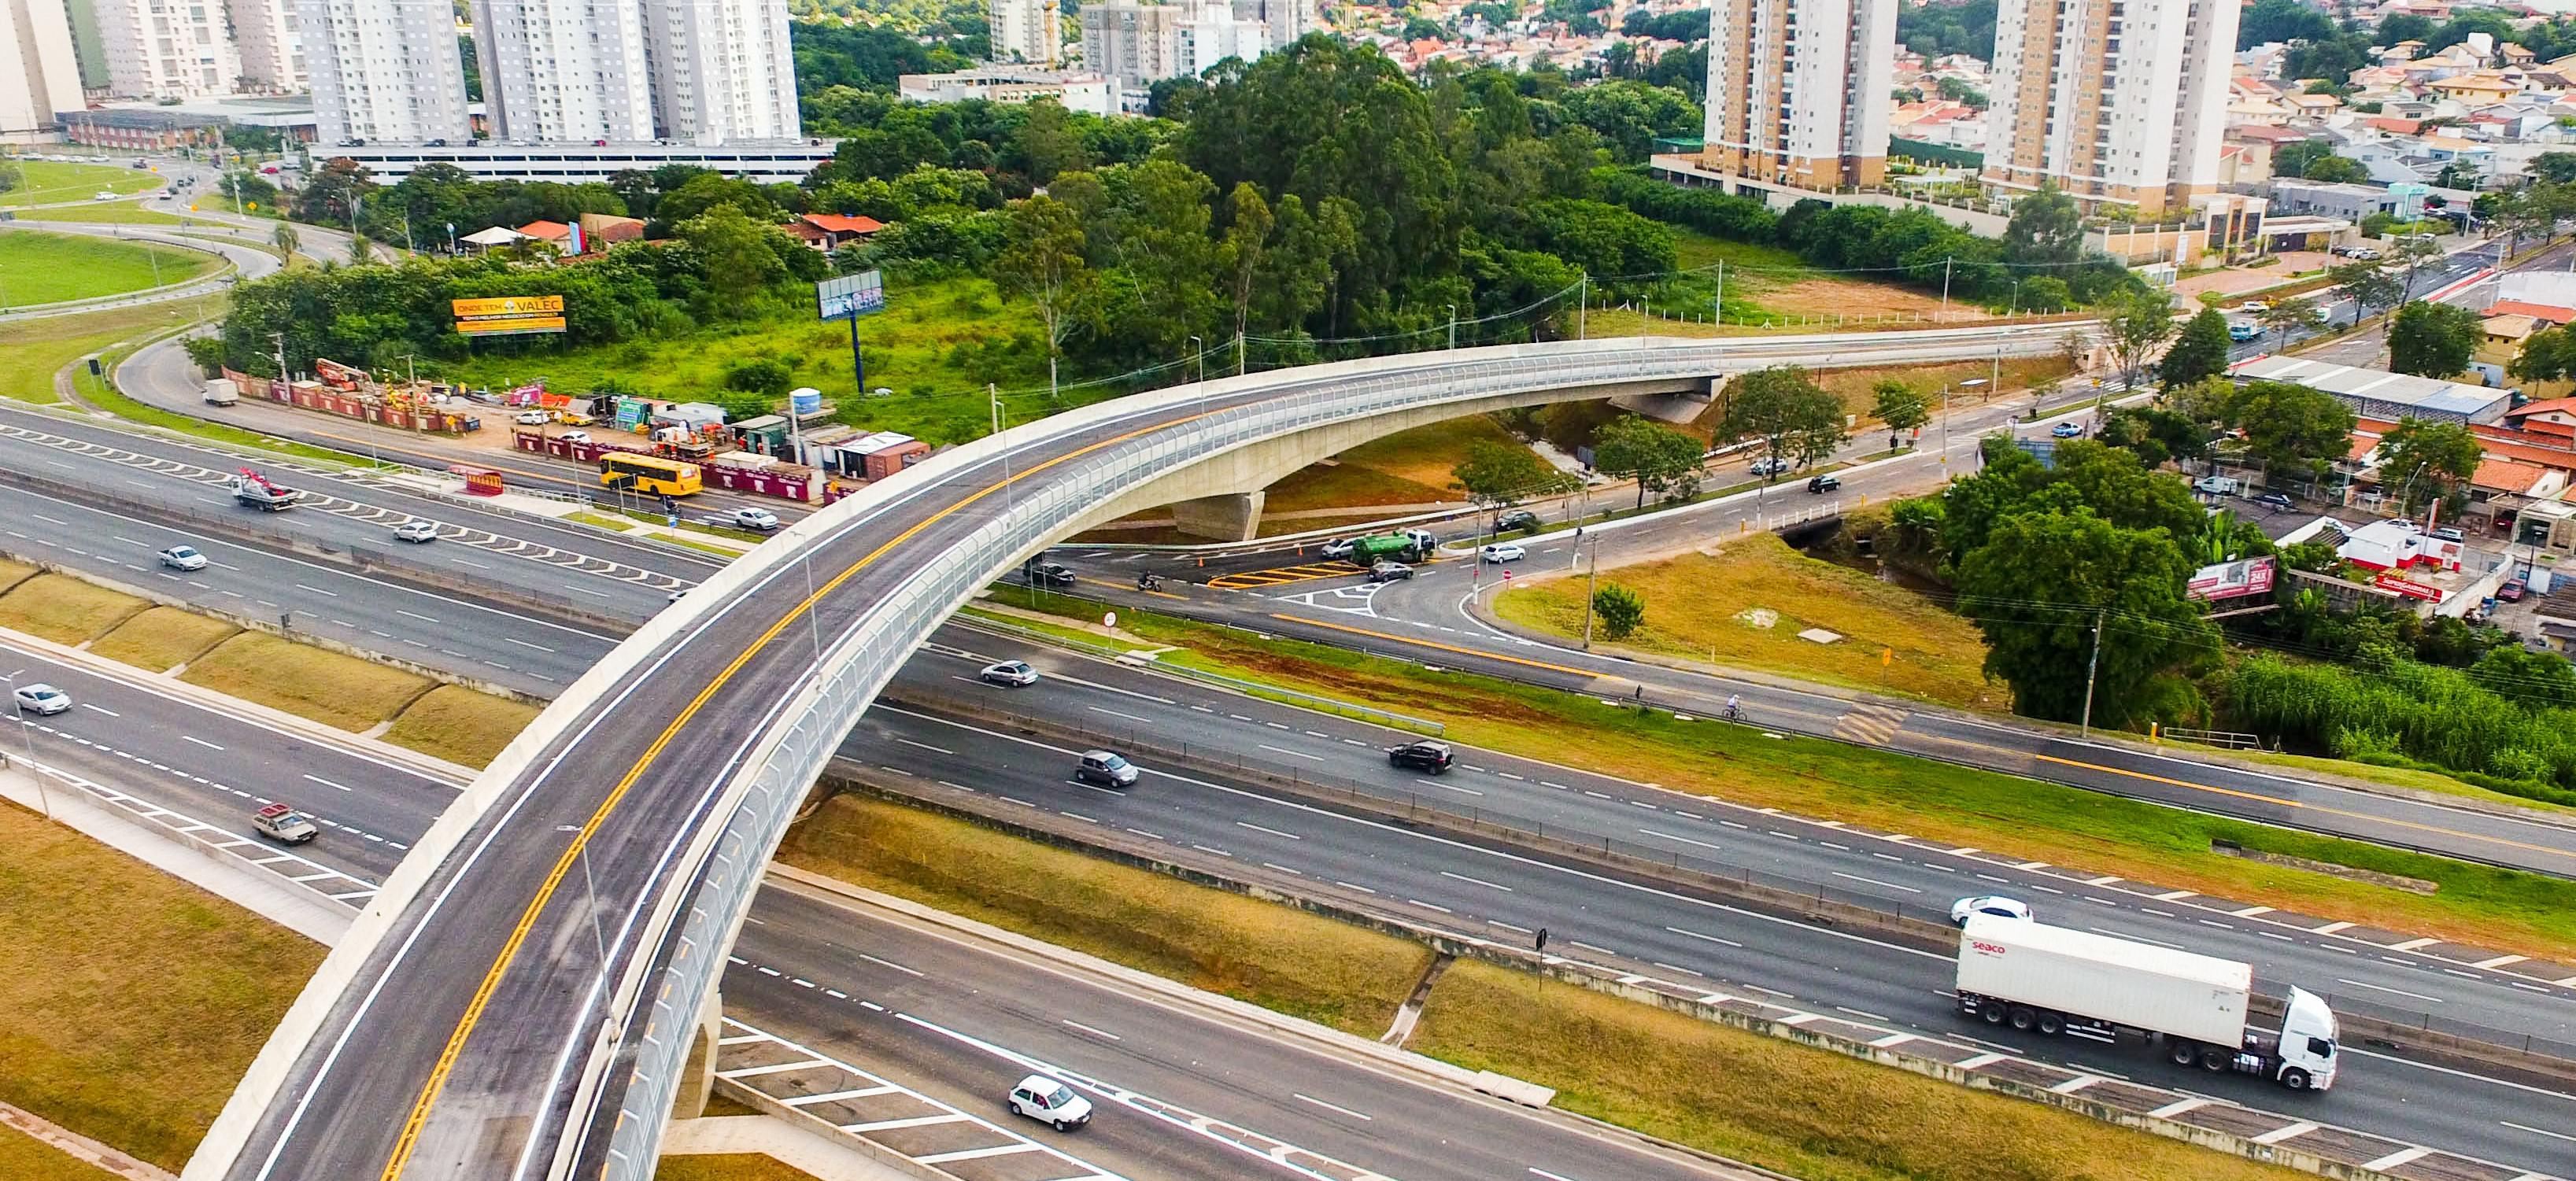 O governador do Estado de São Paulo, Geraldo Alckmin, participa da cerimônia de entrega do Viaduto das Valquírias no Complexo Jundiaí (SP-330) - Sentido Bairro-Centro. Local: Jundiaí/SP Data: 05/04/2018 Foto: Governo do Estado de São Paulo